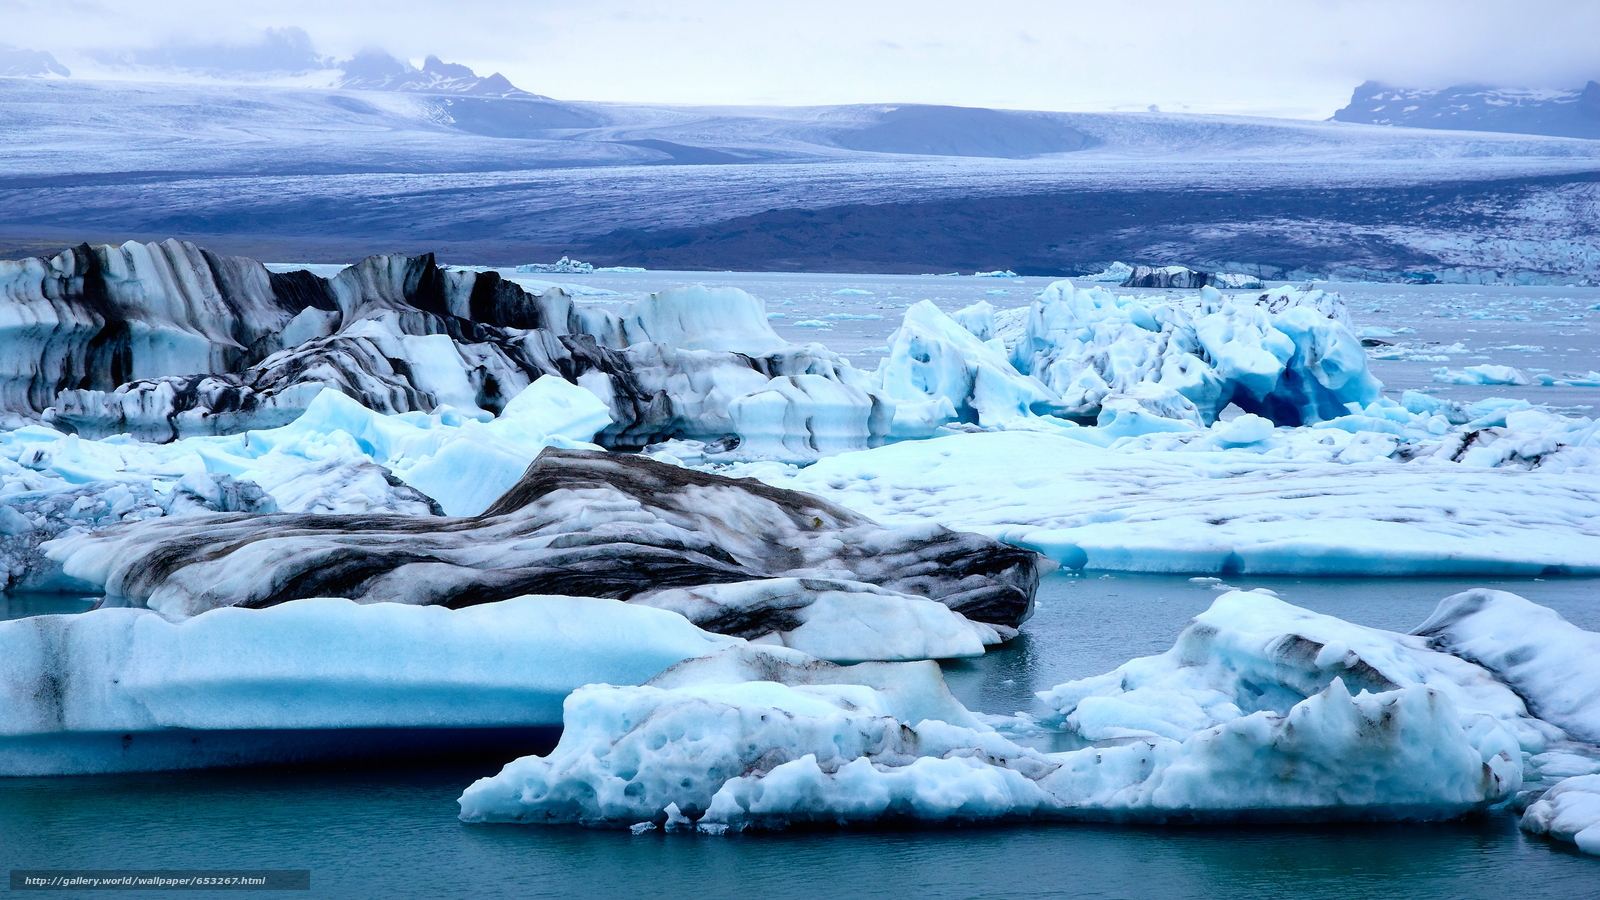 Baixar Wallpaper Islândia,  gelo,  gelo,  geleira Papis de parede grtis na resoluo 3840x2160 — quadro №653267